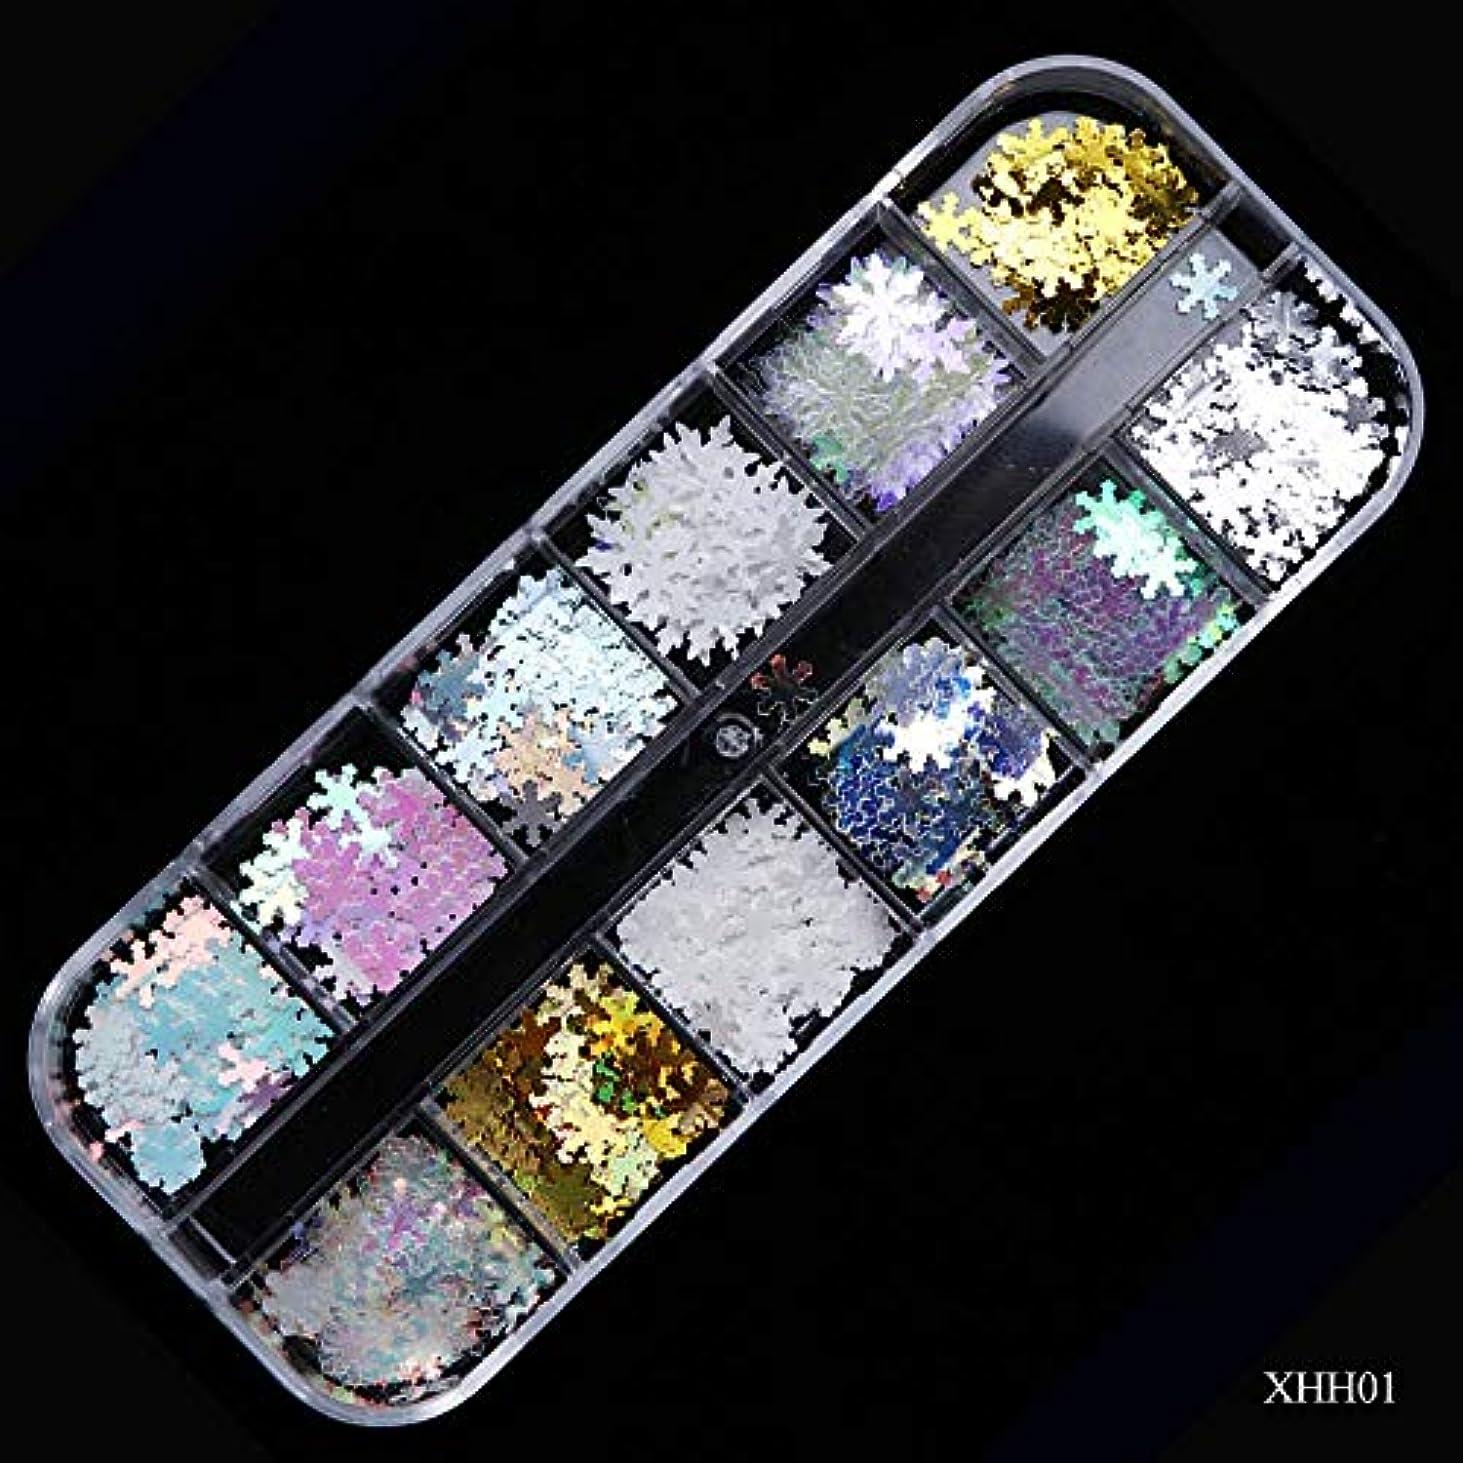 バラエティ美人除外するレーザーゴールドシルバーネイルアートクリスマススノーフレークグリッター混合3Dスパンコールマニキュア装飾薄いパレットフレークSAXHH01-05 XHH01